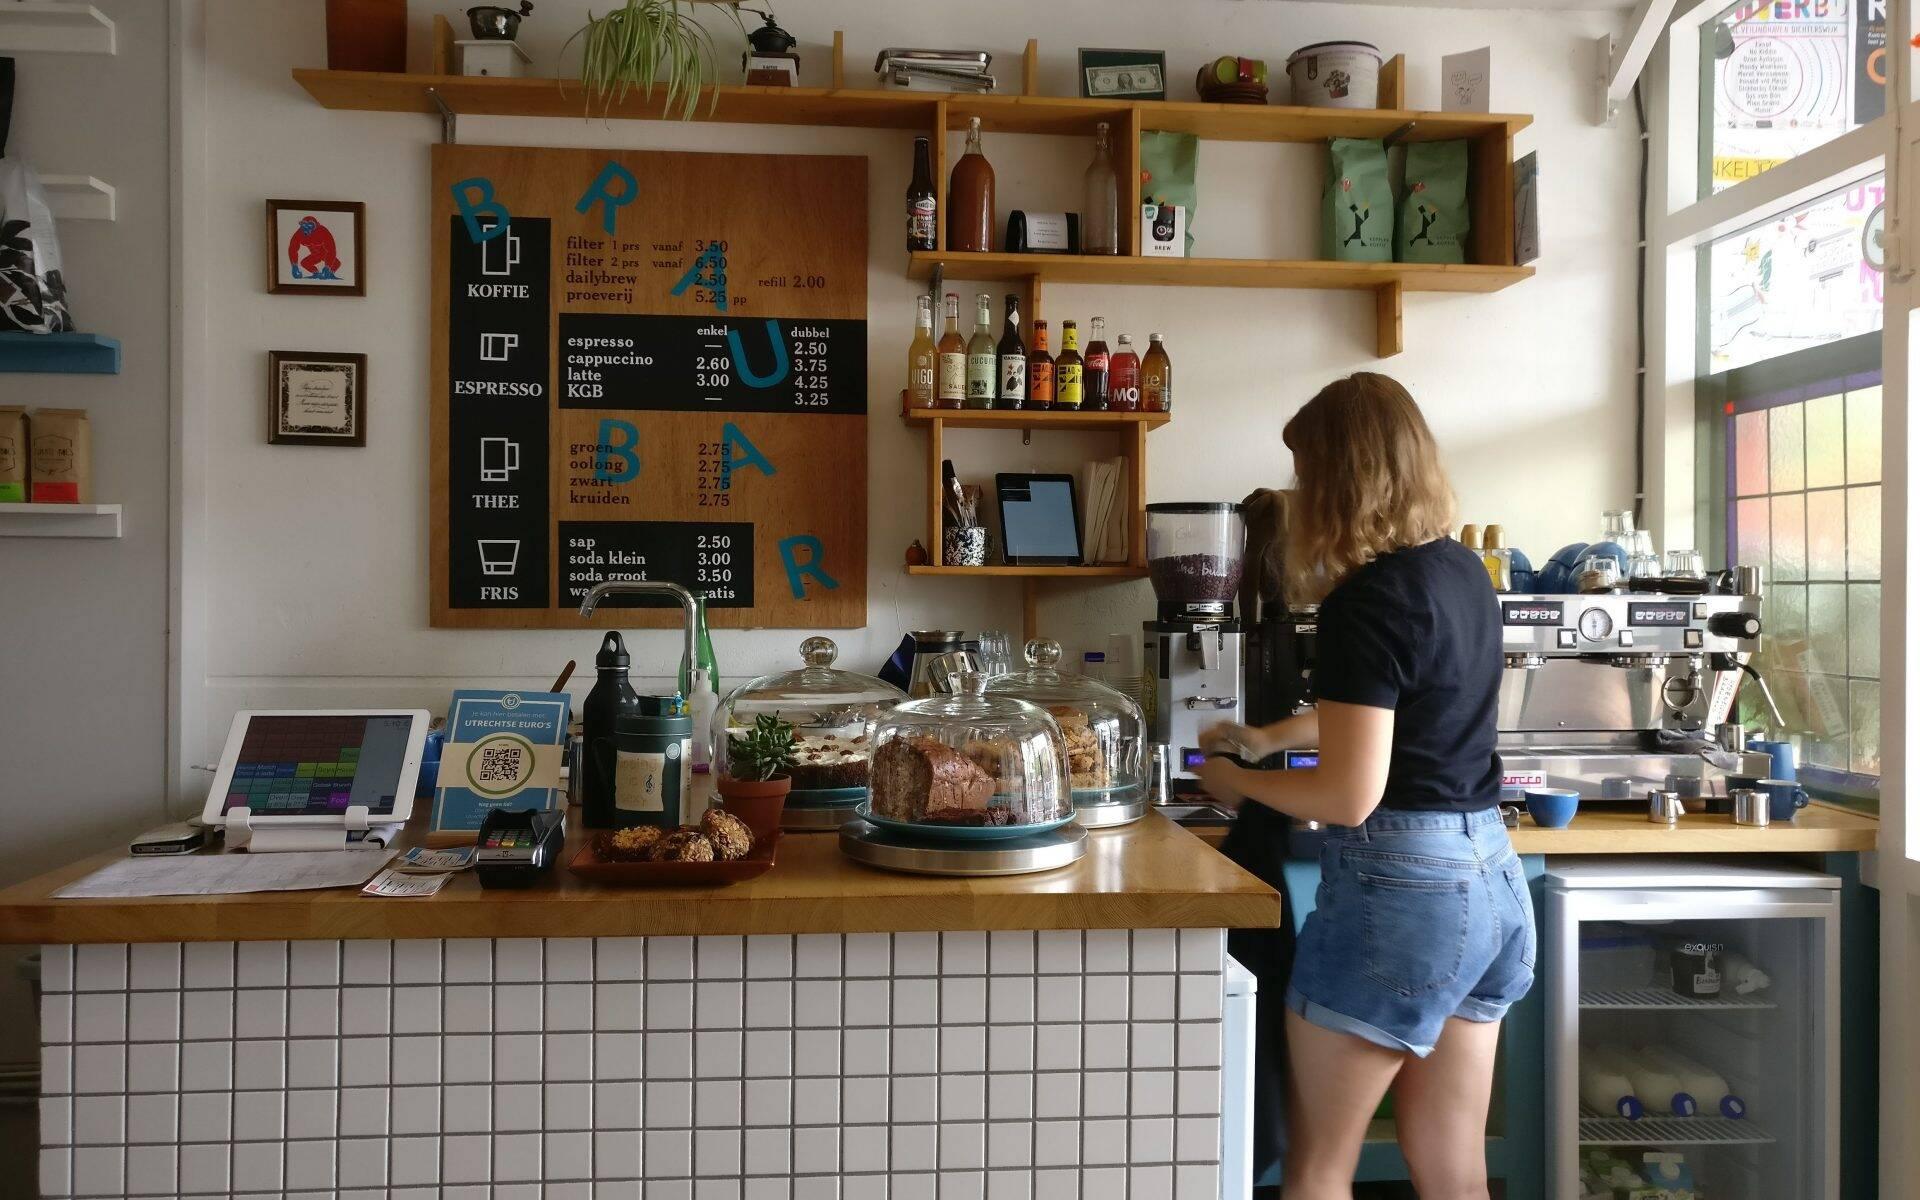 Koffie Leute Brauhaus Utrecht